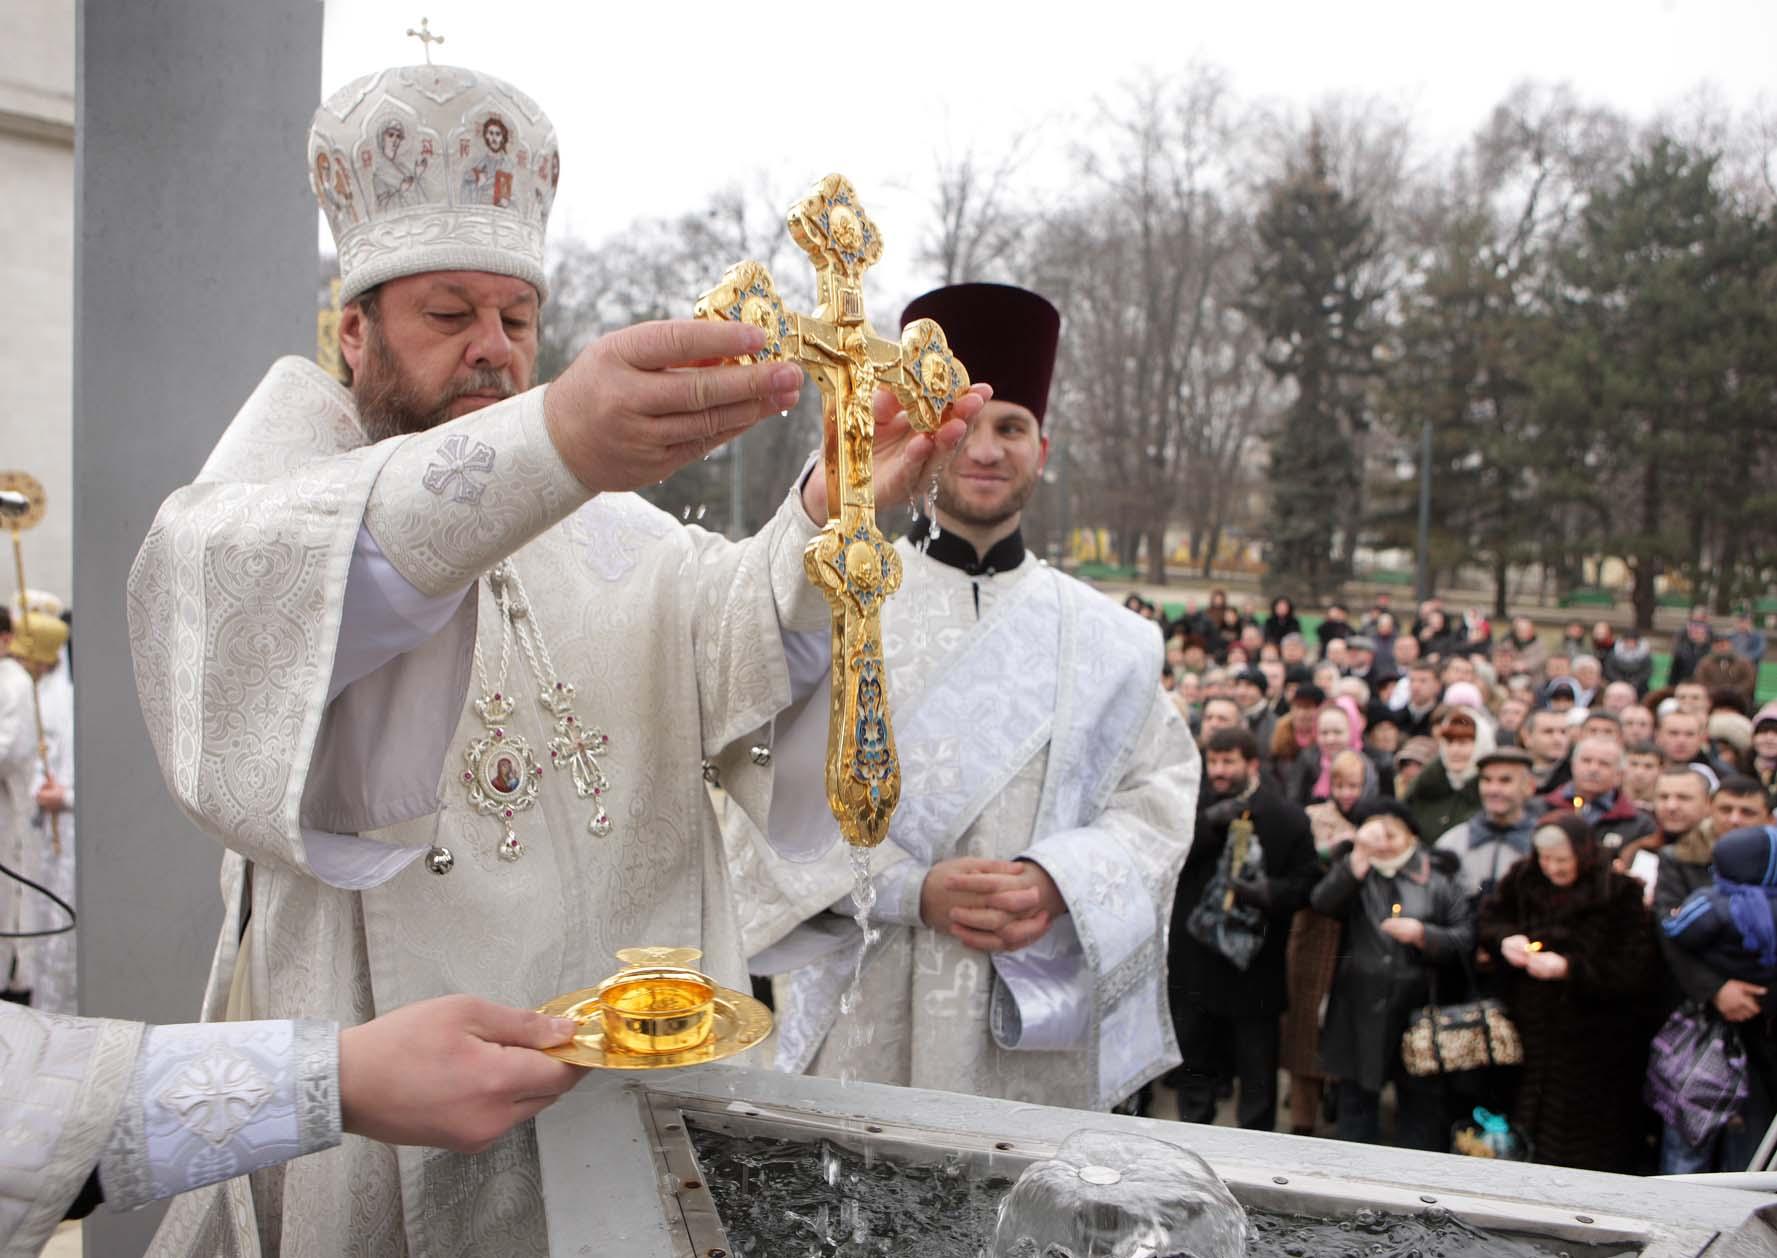 Creștinii ortodocși sărbătoresc astăzi Boboteaza pe stil vechi